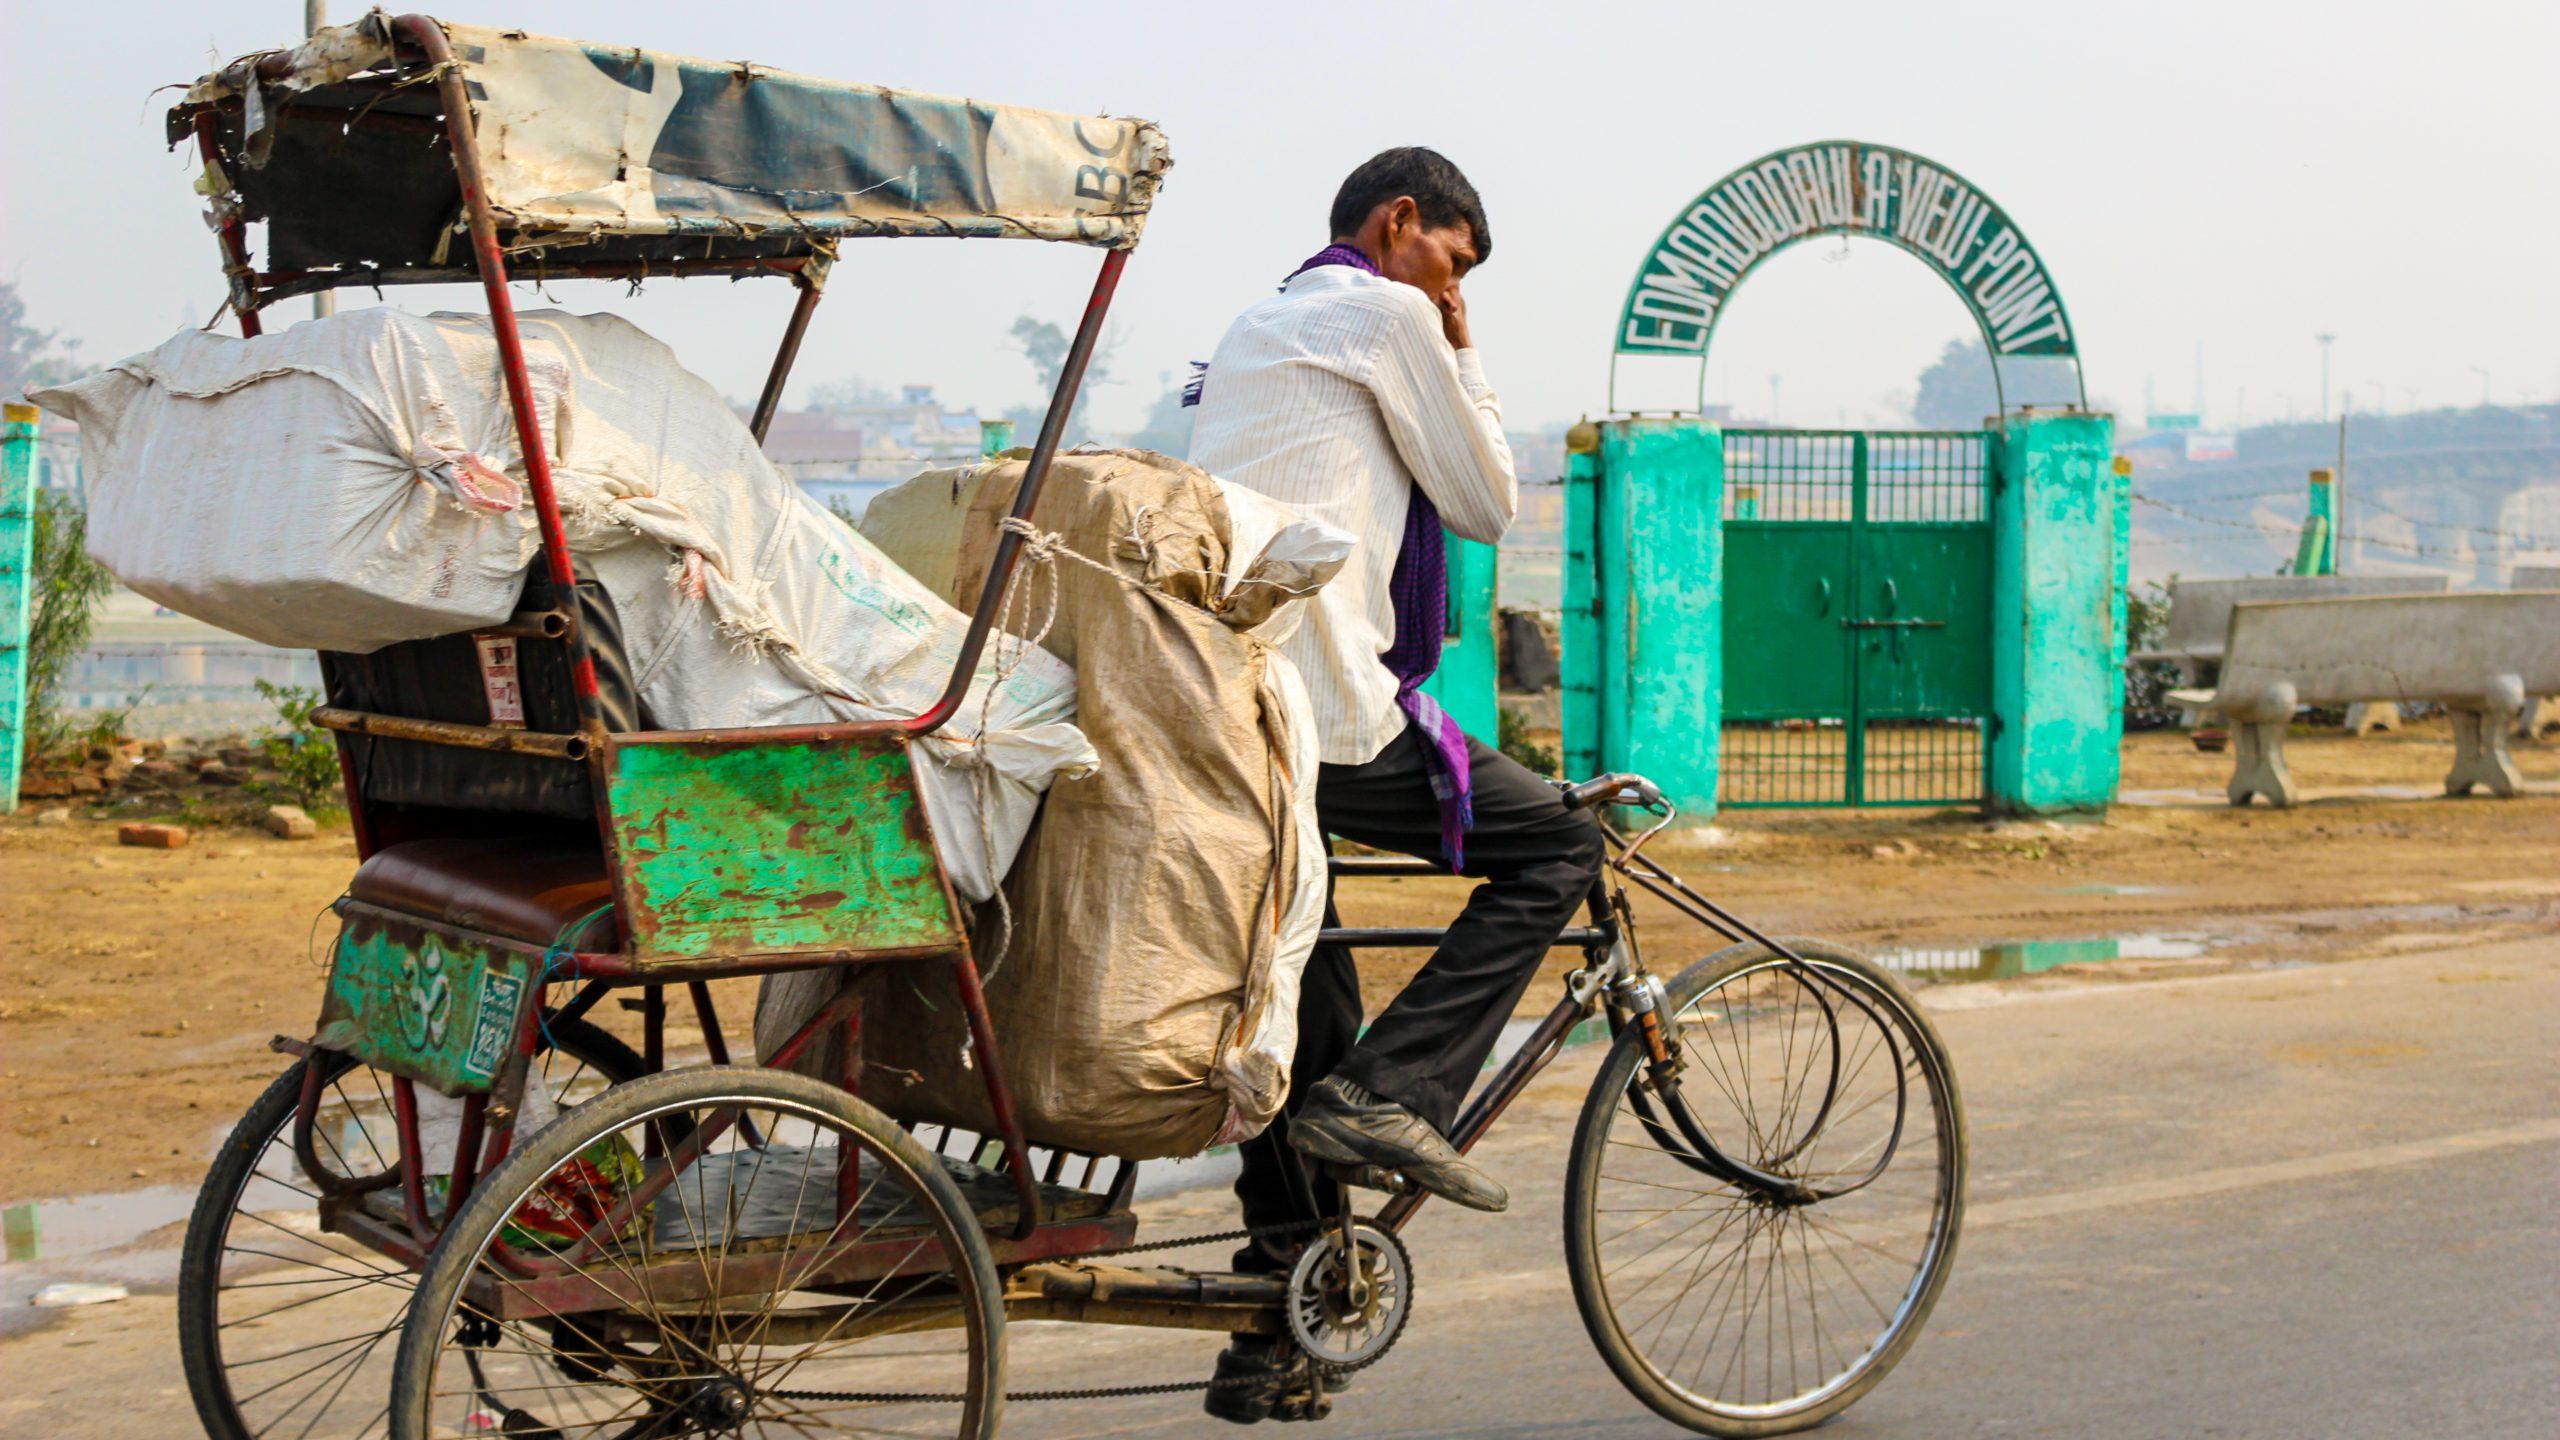 yoldan 1 scaled - Agra Bir Masal Anlat Bana